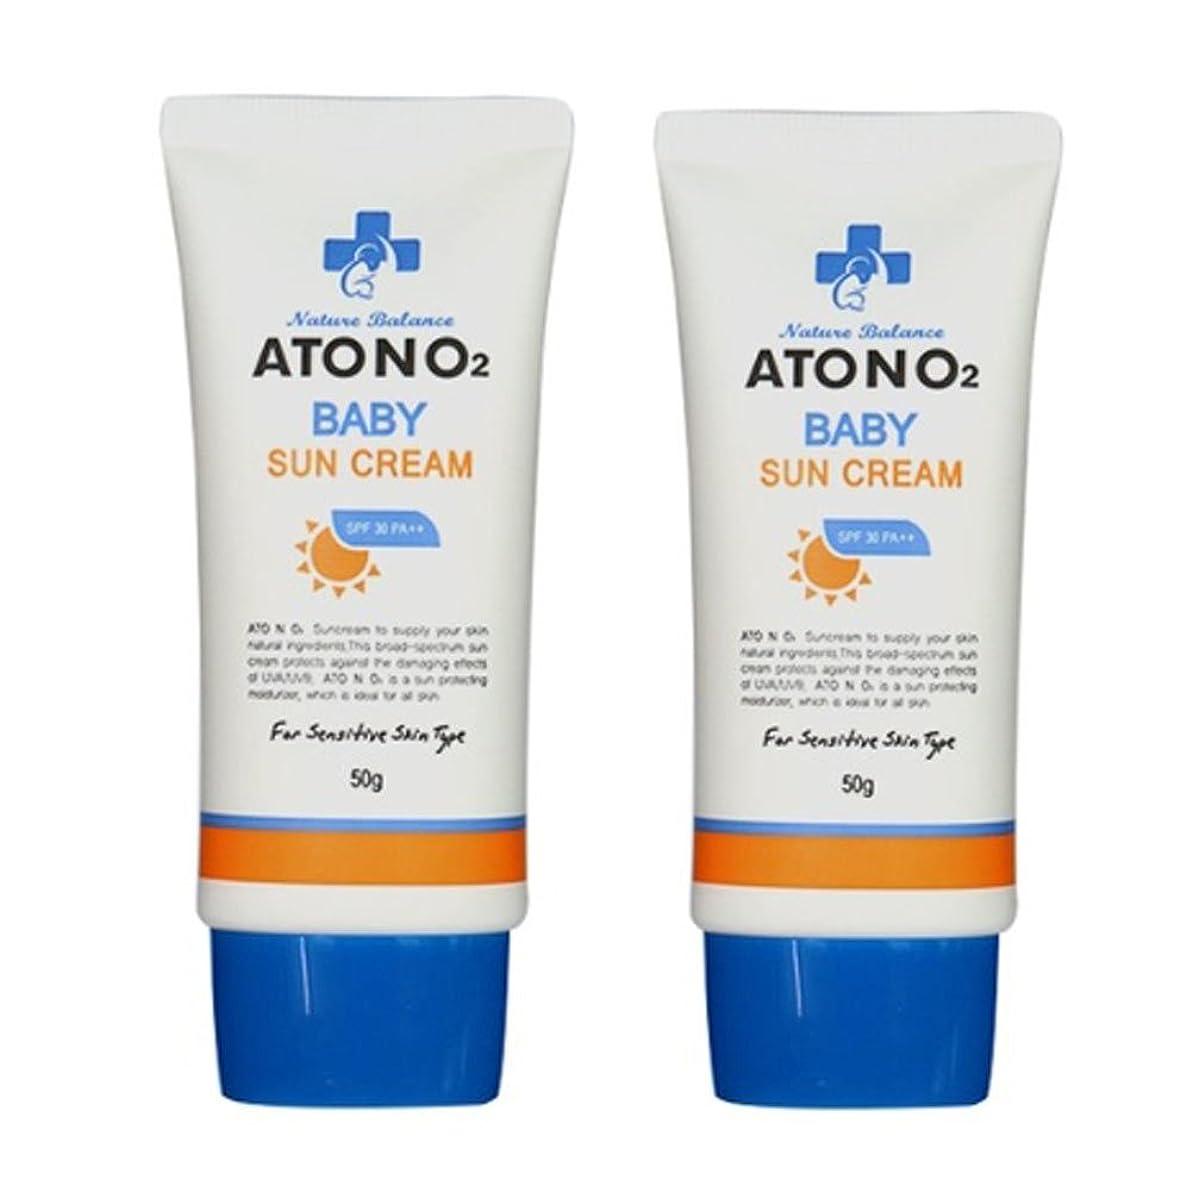 考慮資源抜け目がない(ATONO2) ベビーサン?クリーム (SPF30/PA++) 50g x 2本セット ATONO2 Baby Sun Cream (SPF30/PA++) 50g x 2ea Set [並行輸入品]